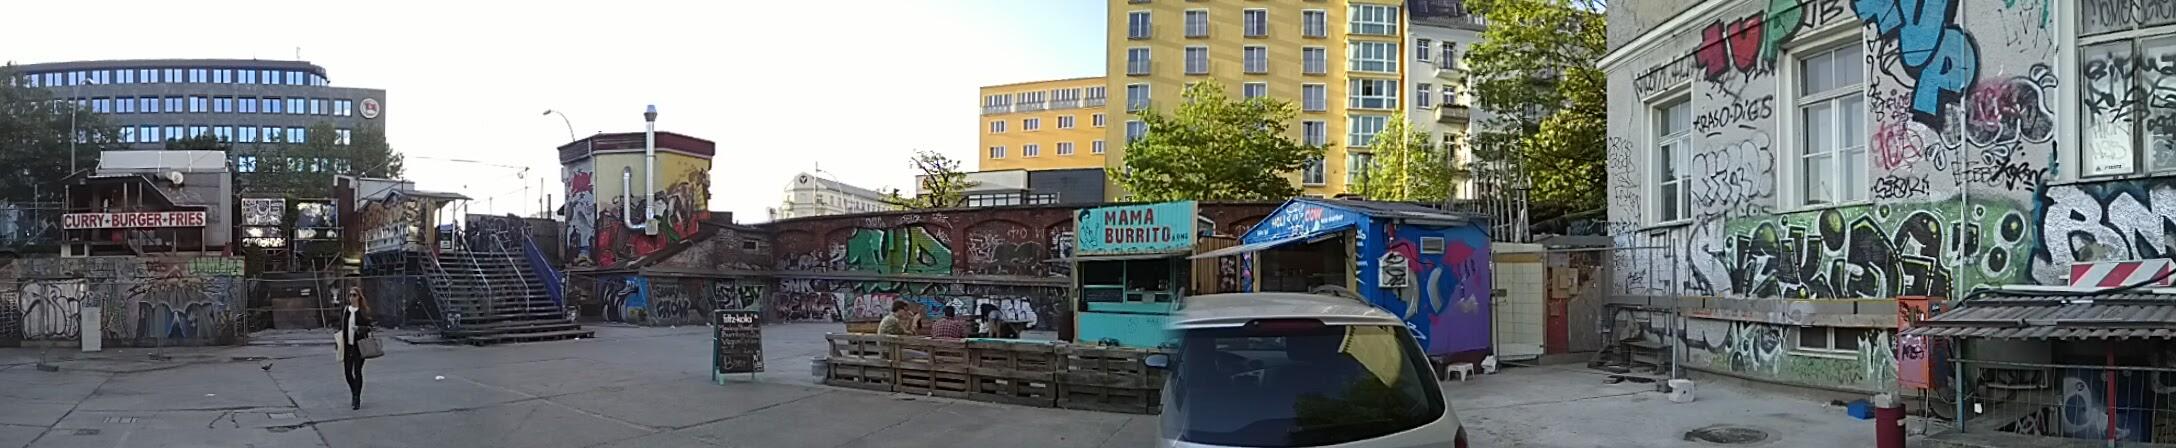 CAM00136